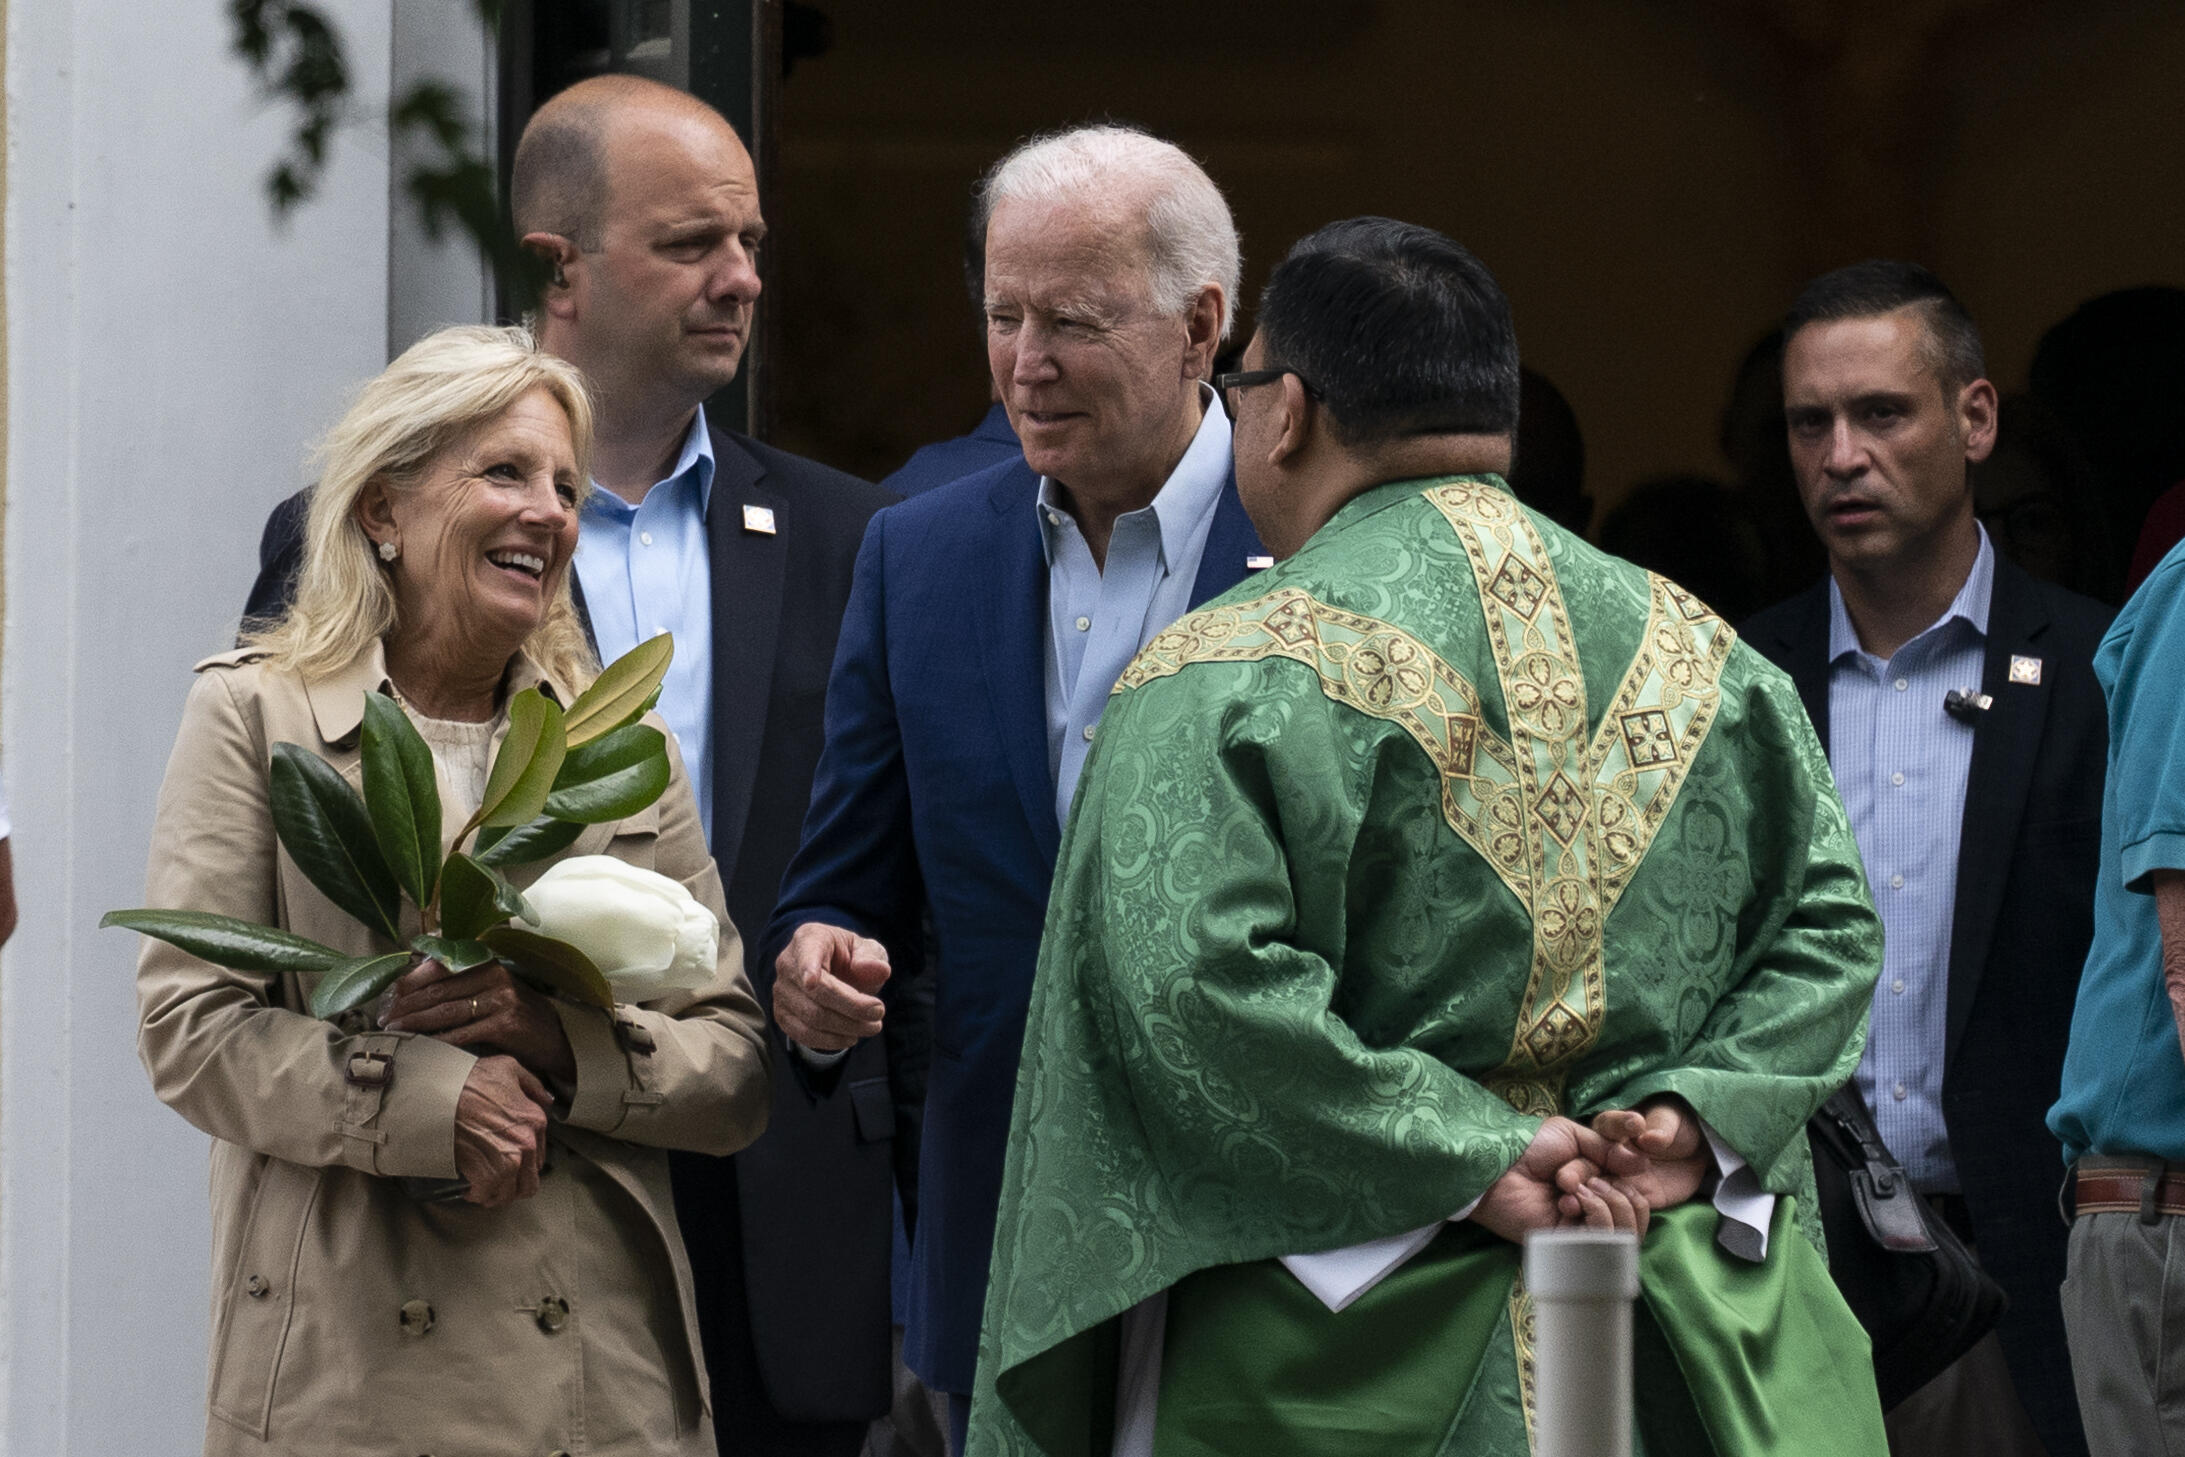 Le président américain Joe Biden s'est rendu à l'église Saint-Joseph on the Brandywine, le 19 juin 2021 à Wilmington (Delaware).